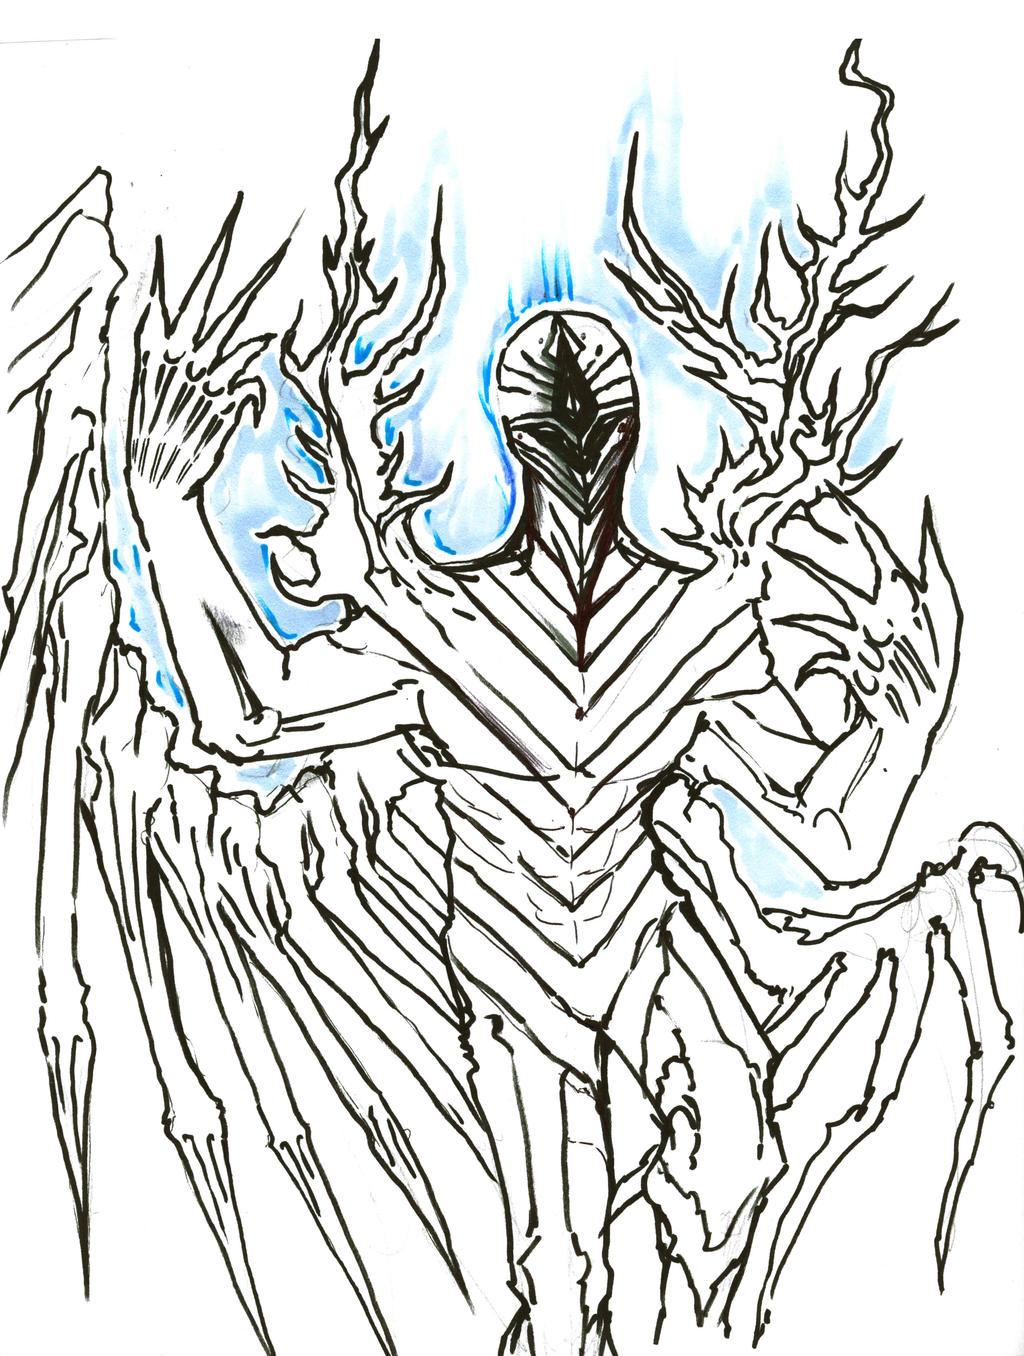 Ryngbearer - pale artist form by Antervantei